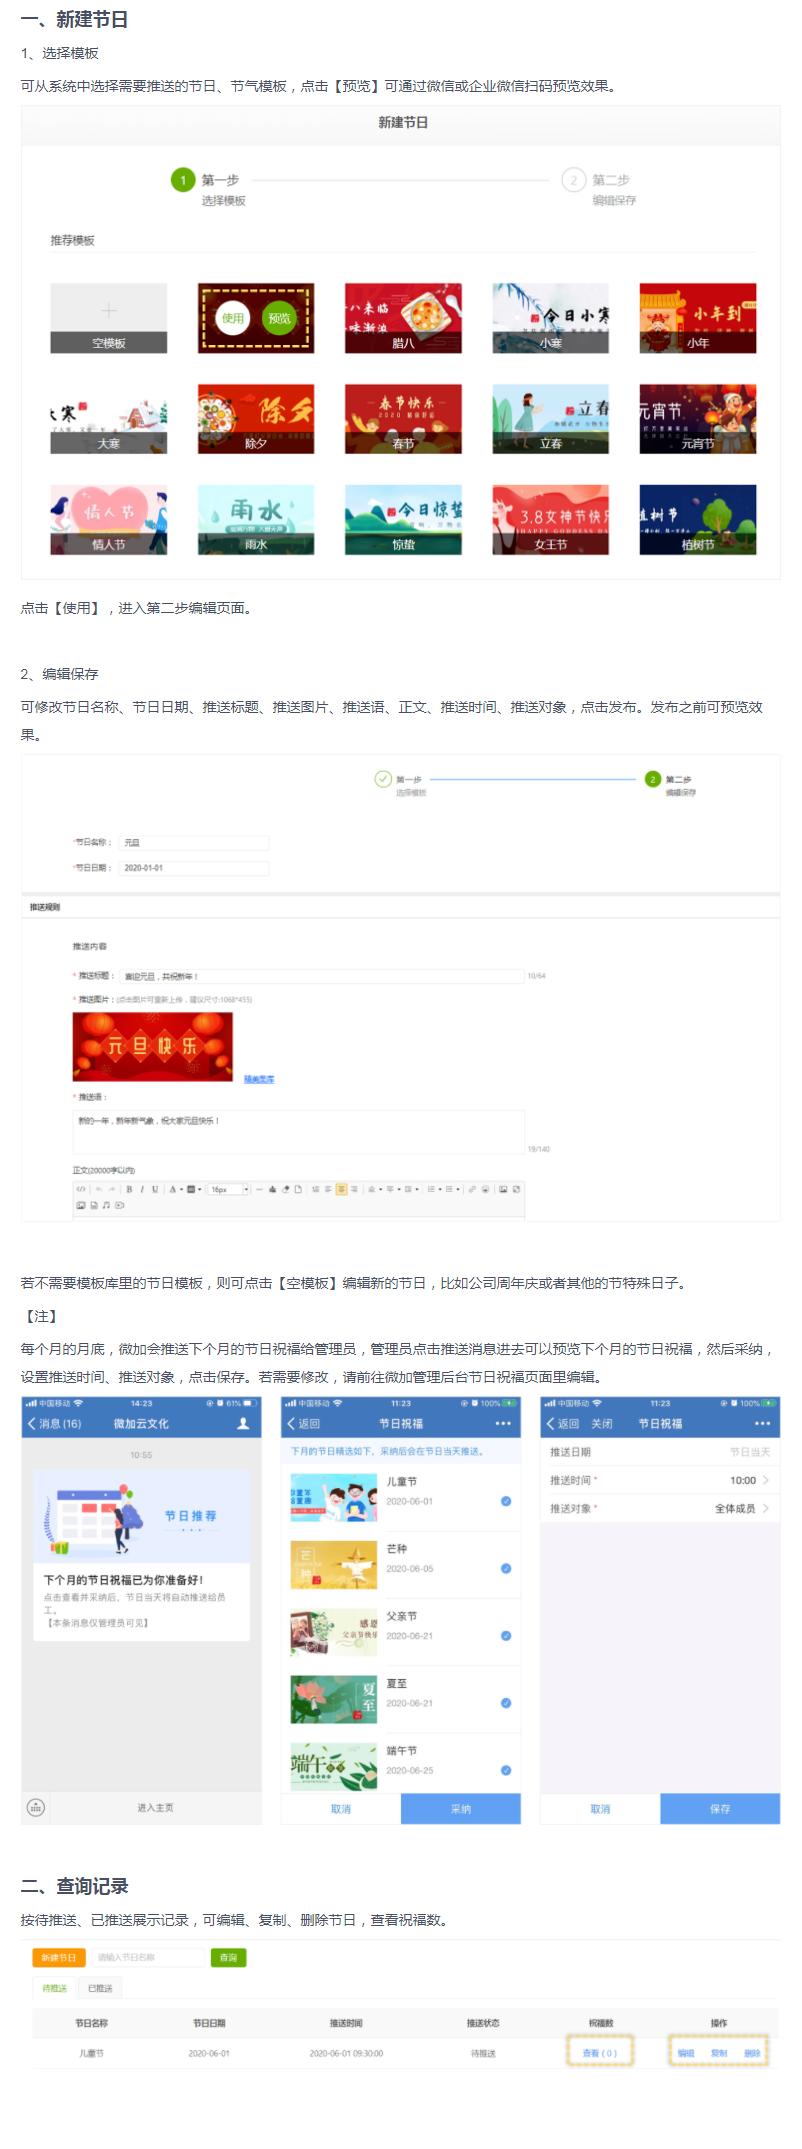 微加云文化-后台节日祝福的操作指南!